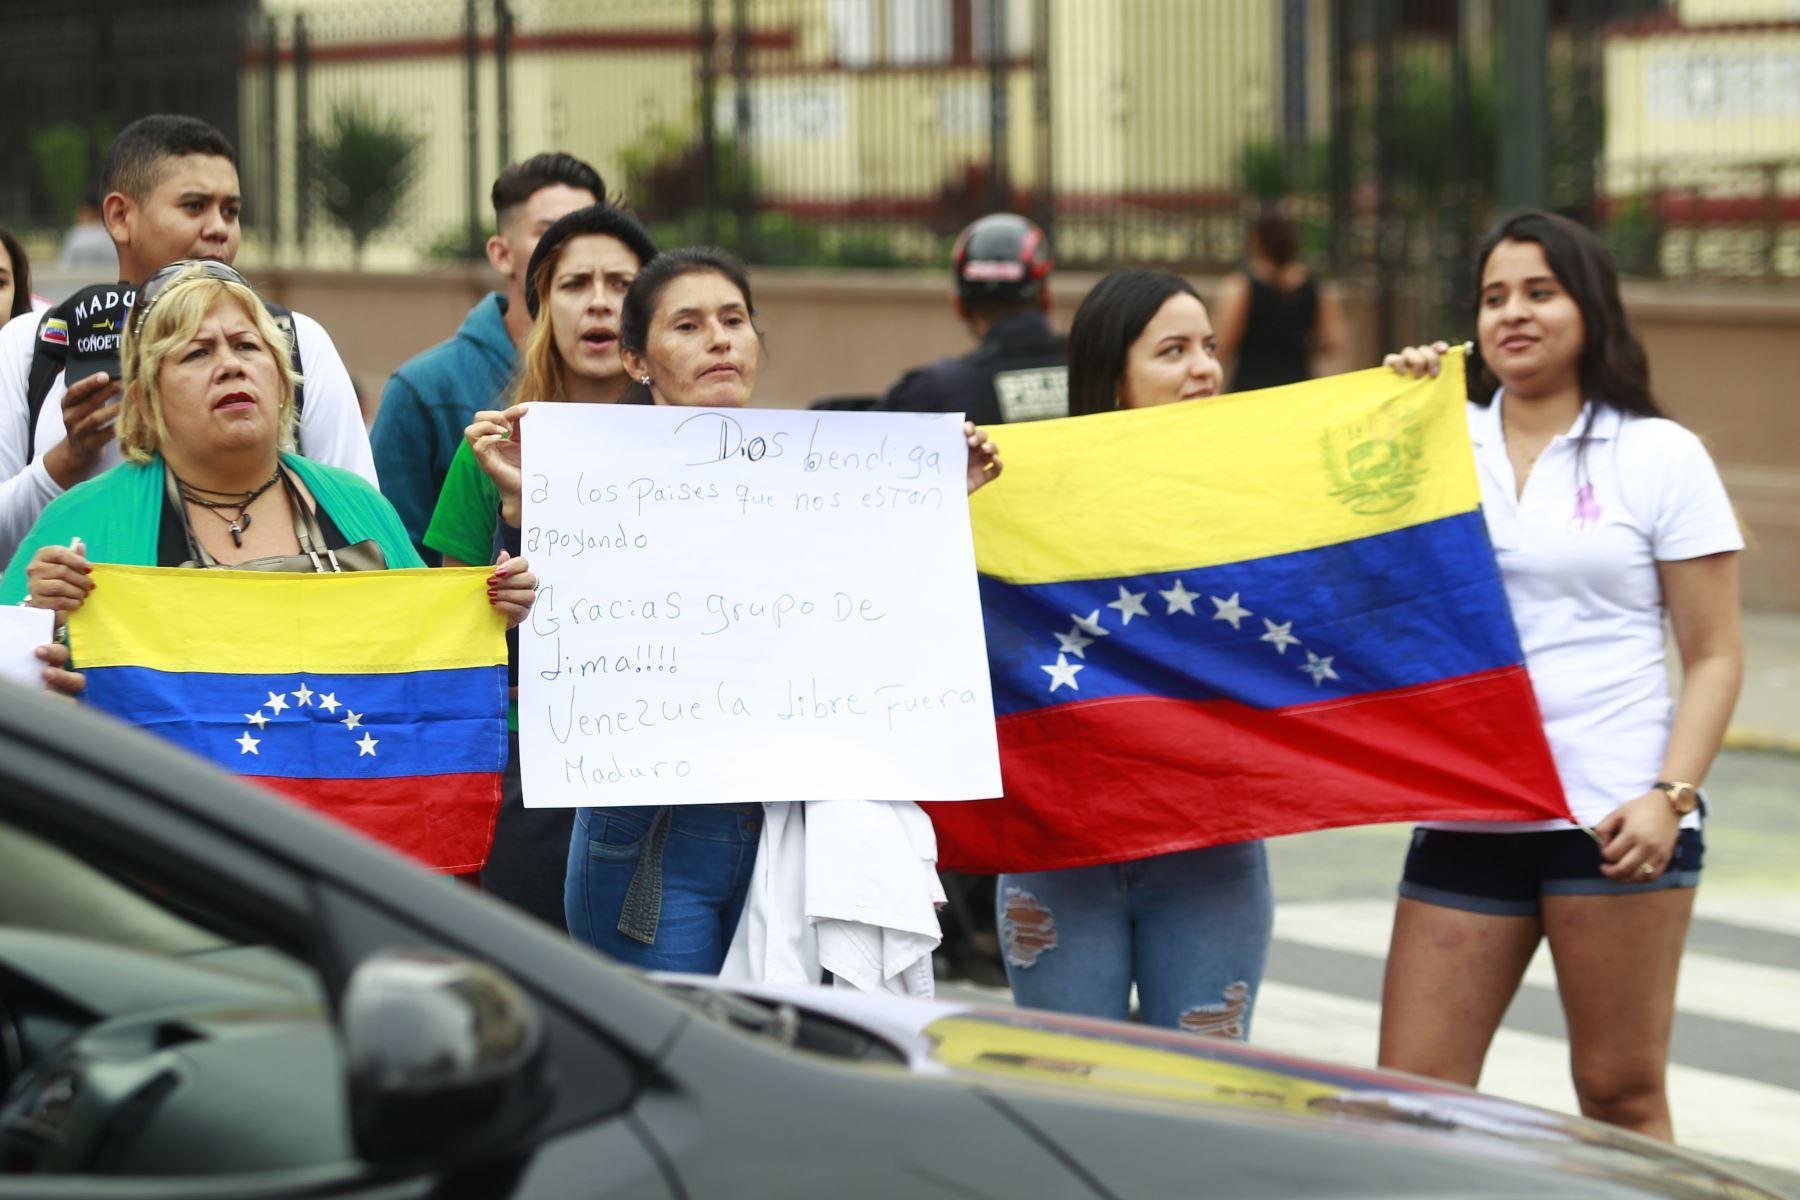 Ciudadanos venezolanos protestan contra el gobierno de Nicolás Maduro frente a la embajada de Venezuela en Lima.Foto: ANDINA/Eddy Ramos